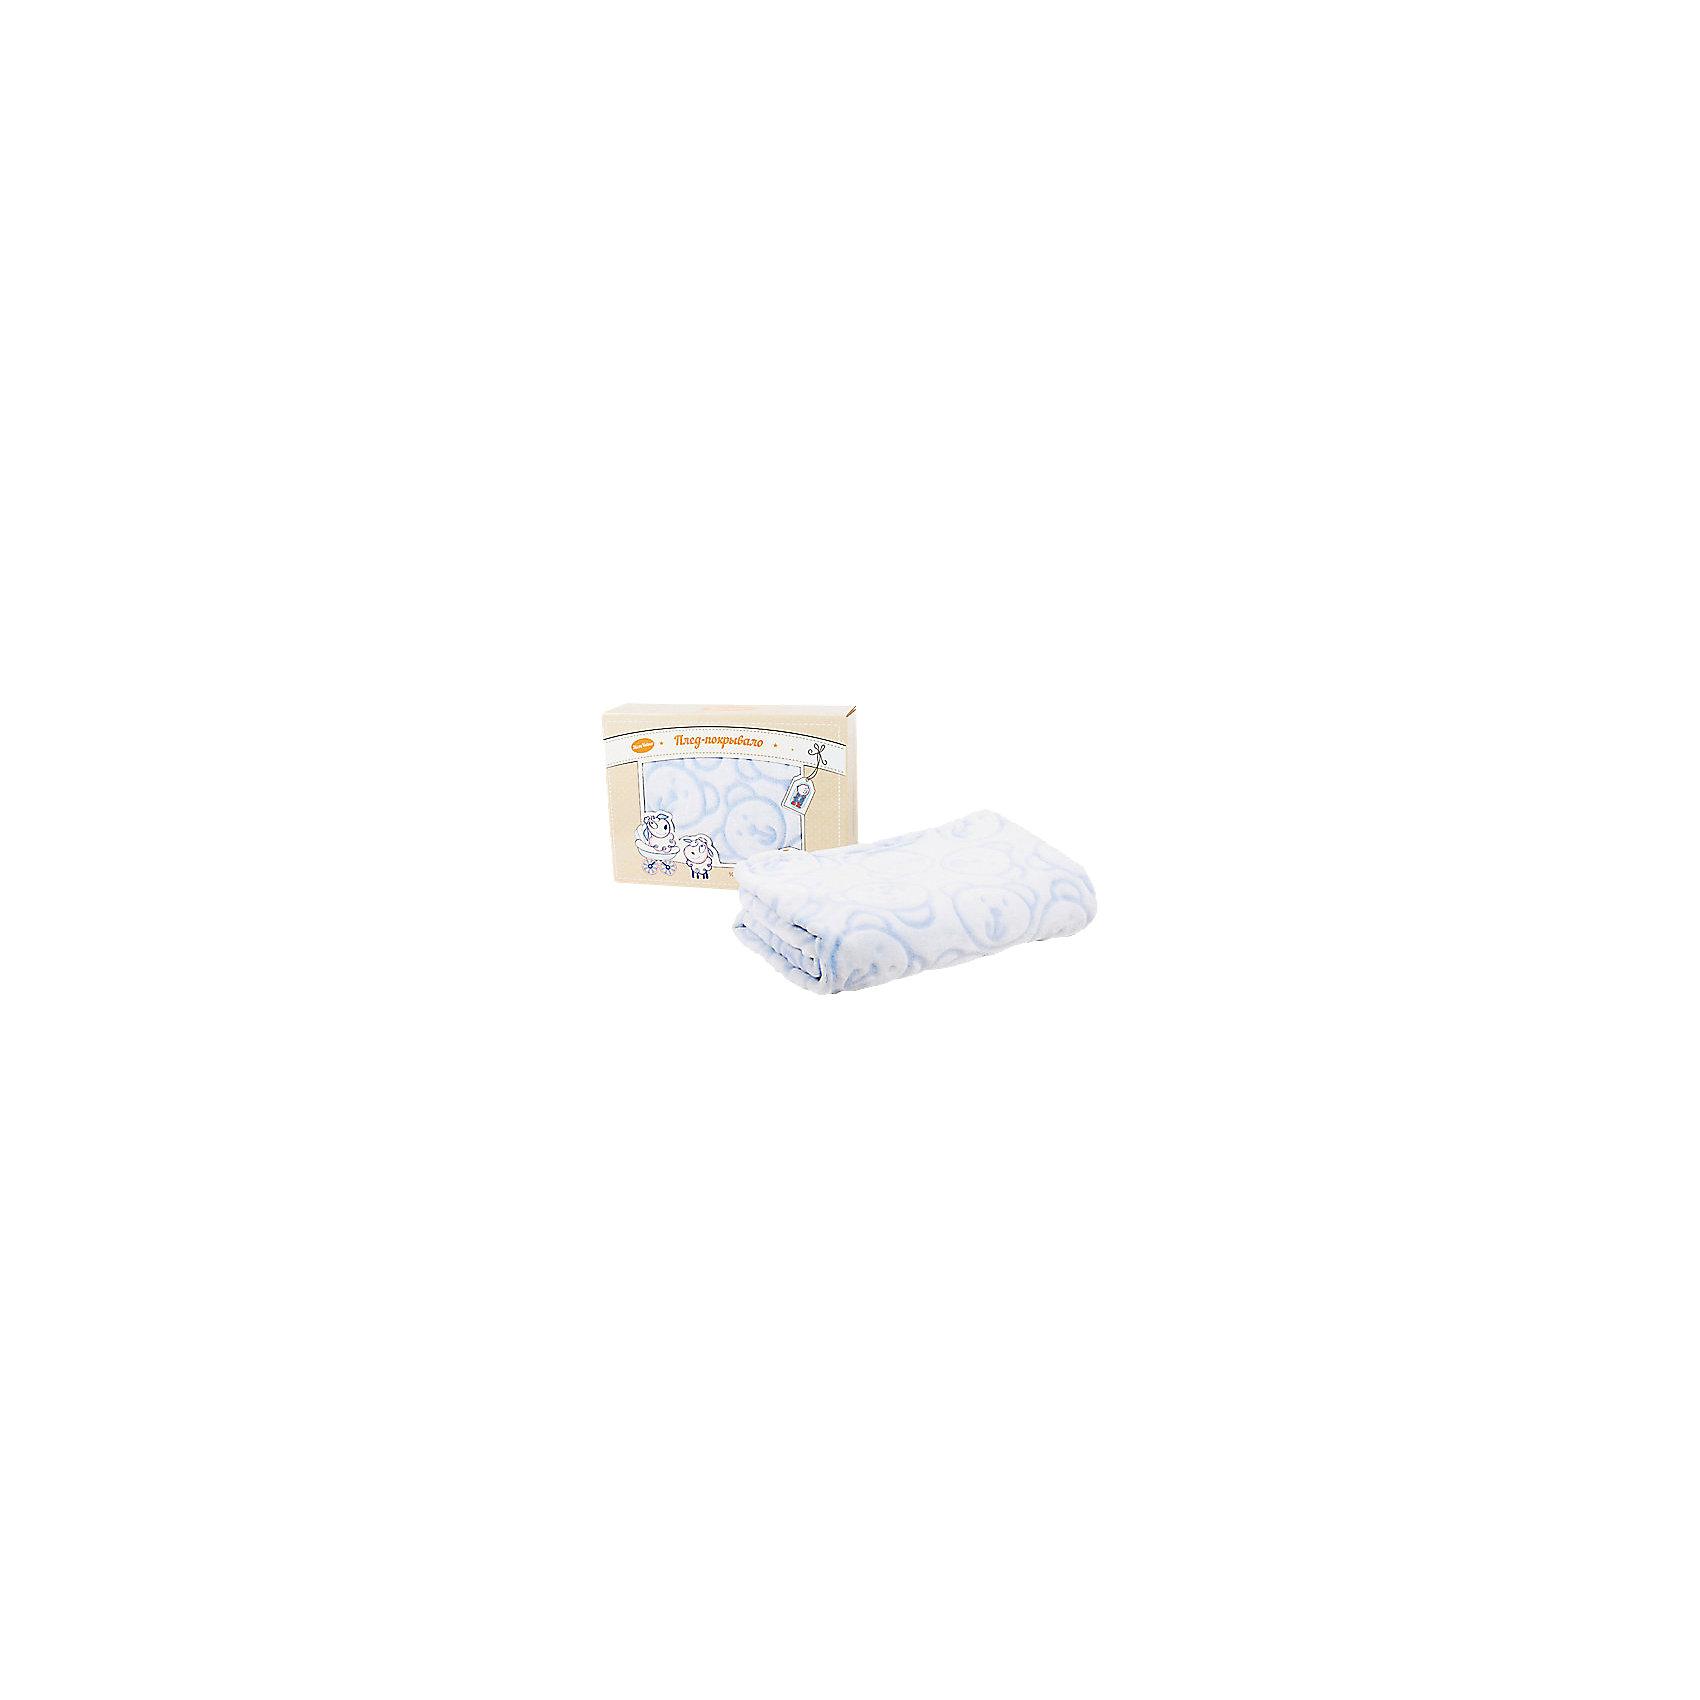 Плед-покрывала микро велюр, Baby Nice, голубойОдеяла, пледы<br>Плед-покрывало Baby Nice замечательно подойдет для детской спальни в качестве легкого одеяла или покрывала для кроватки, а также согреет малыша на улице в прохладную погоду. Плед очень мягкий и нежный на ощупь, имеет приятную голубую расцветку и украшен симпатичными мишками. Выполнен из высококачественного гипоаллергенного материала, который хорошо поддерживает температурный баланс и способствует правильной терморегуляции, прекрасно переносит стирку и не меняет цвет.<br><br>Дополнительная информация:<br><br>- Цвет: голубой.<br>- Материал: 100% полиэстер.<br>- Плотность: 300 гр/м.<br>- Размер пледа: 100 х 140 см.<br>- Размер упаковки: 30 х 20 х 50 см.<br>- Вес: 0,6 кг.<br><br>Плед-покрывало микро велюр, Baby Nice, голубой, можно купить в нашем интернет-магазине.<br><br>Ширина мм: 300<br>Глубина мм: 200<br>Высота мм: 50<br>Вес г: 500<br>Возраст от месяцев: 0<br>Возраст до месяцев: 60<br>Пол: Мужской<br>Возраст: Детский<br>SKU: 4032805